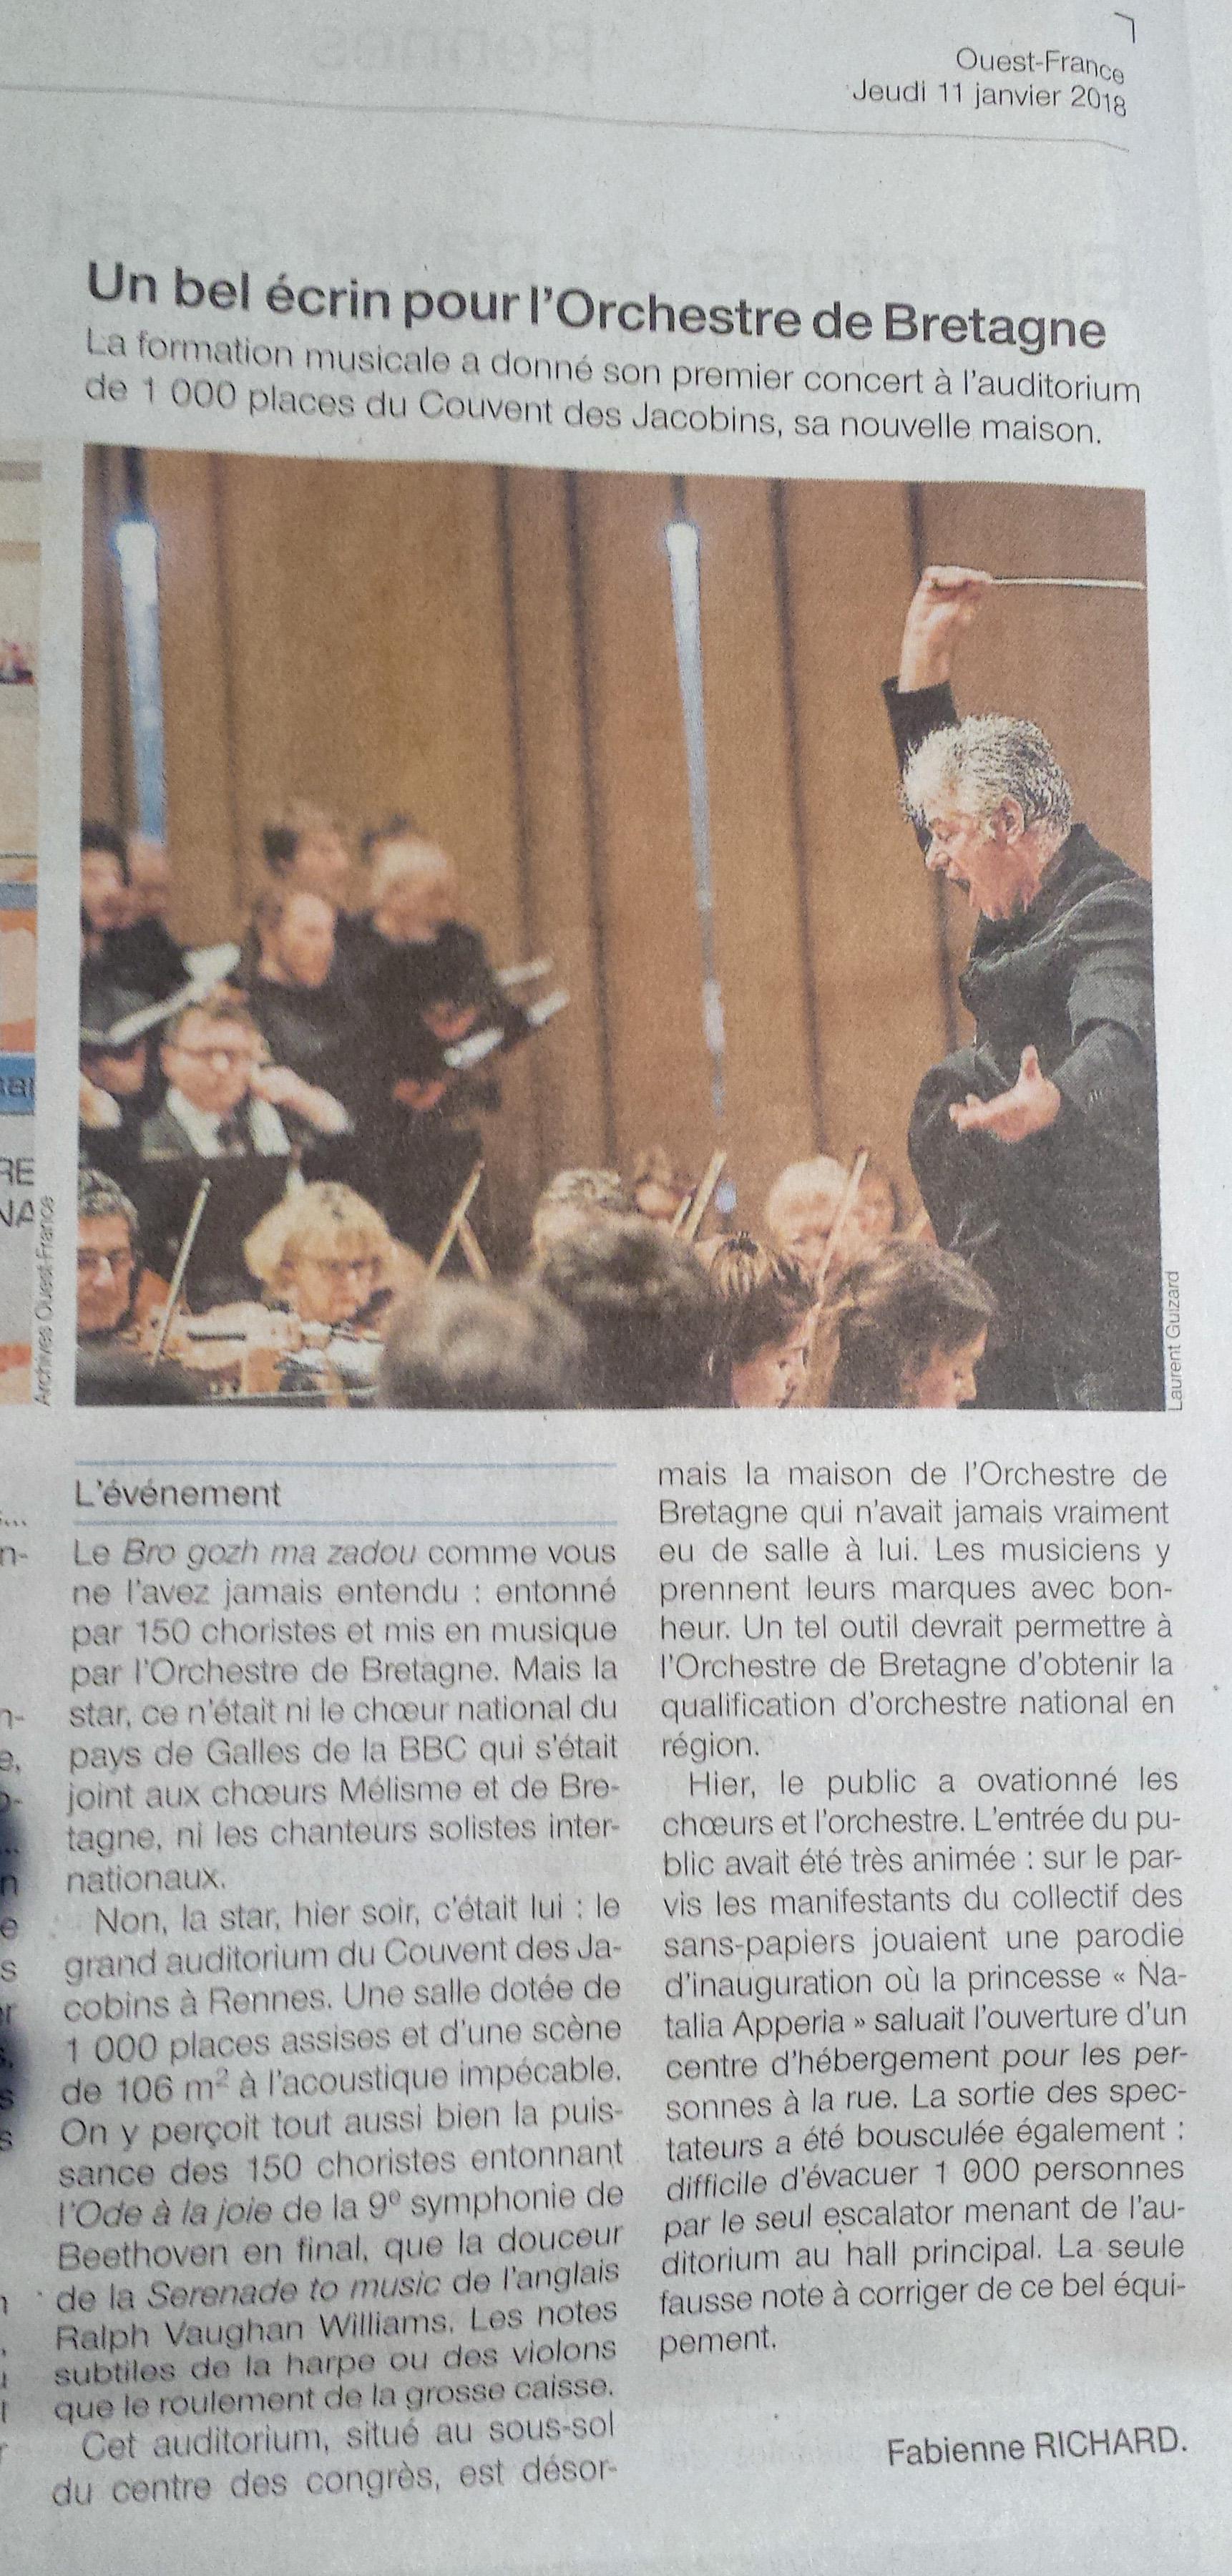 revue DE presse 2018 OuestFrance11janvier